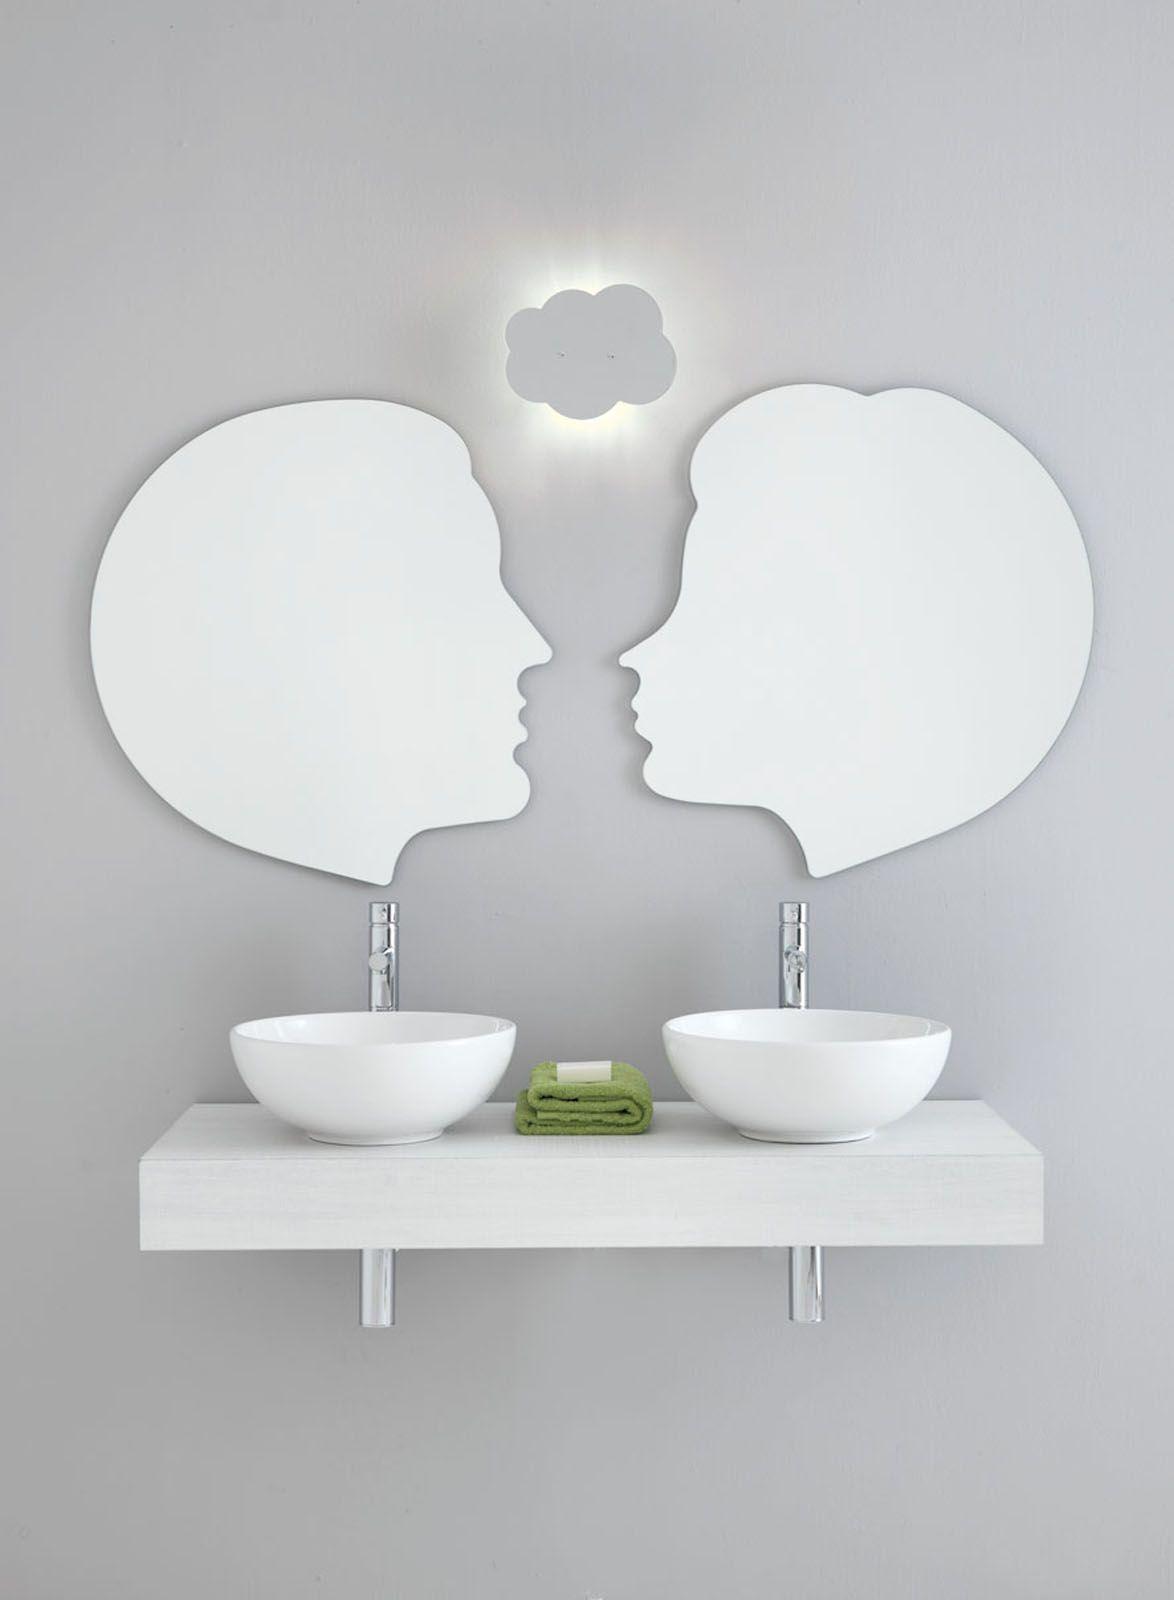 Specchio Bagno Con Mobile : Specchi da bagno con mobile. Mobile ...